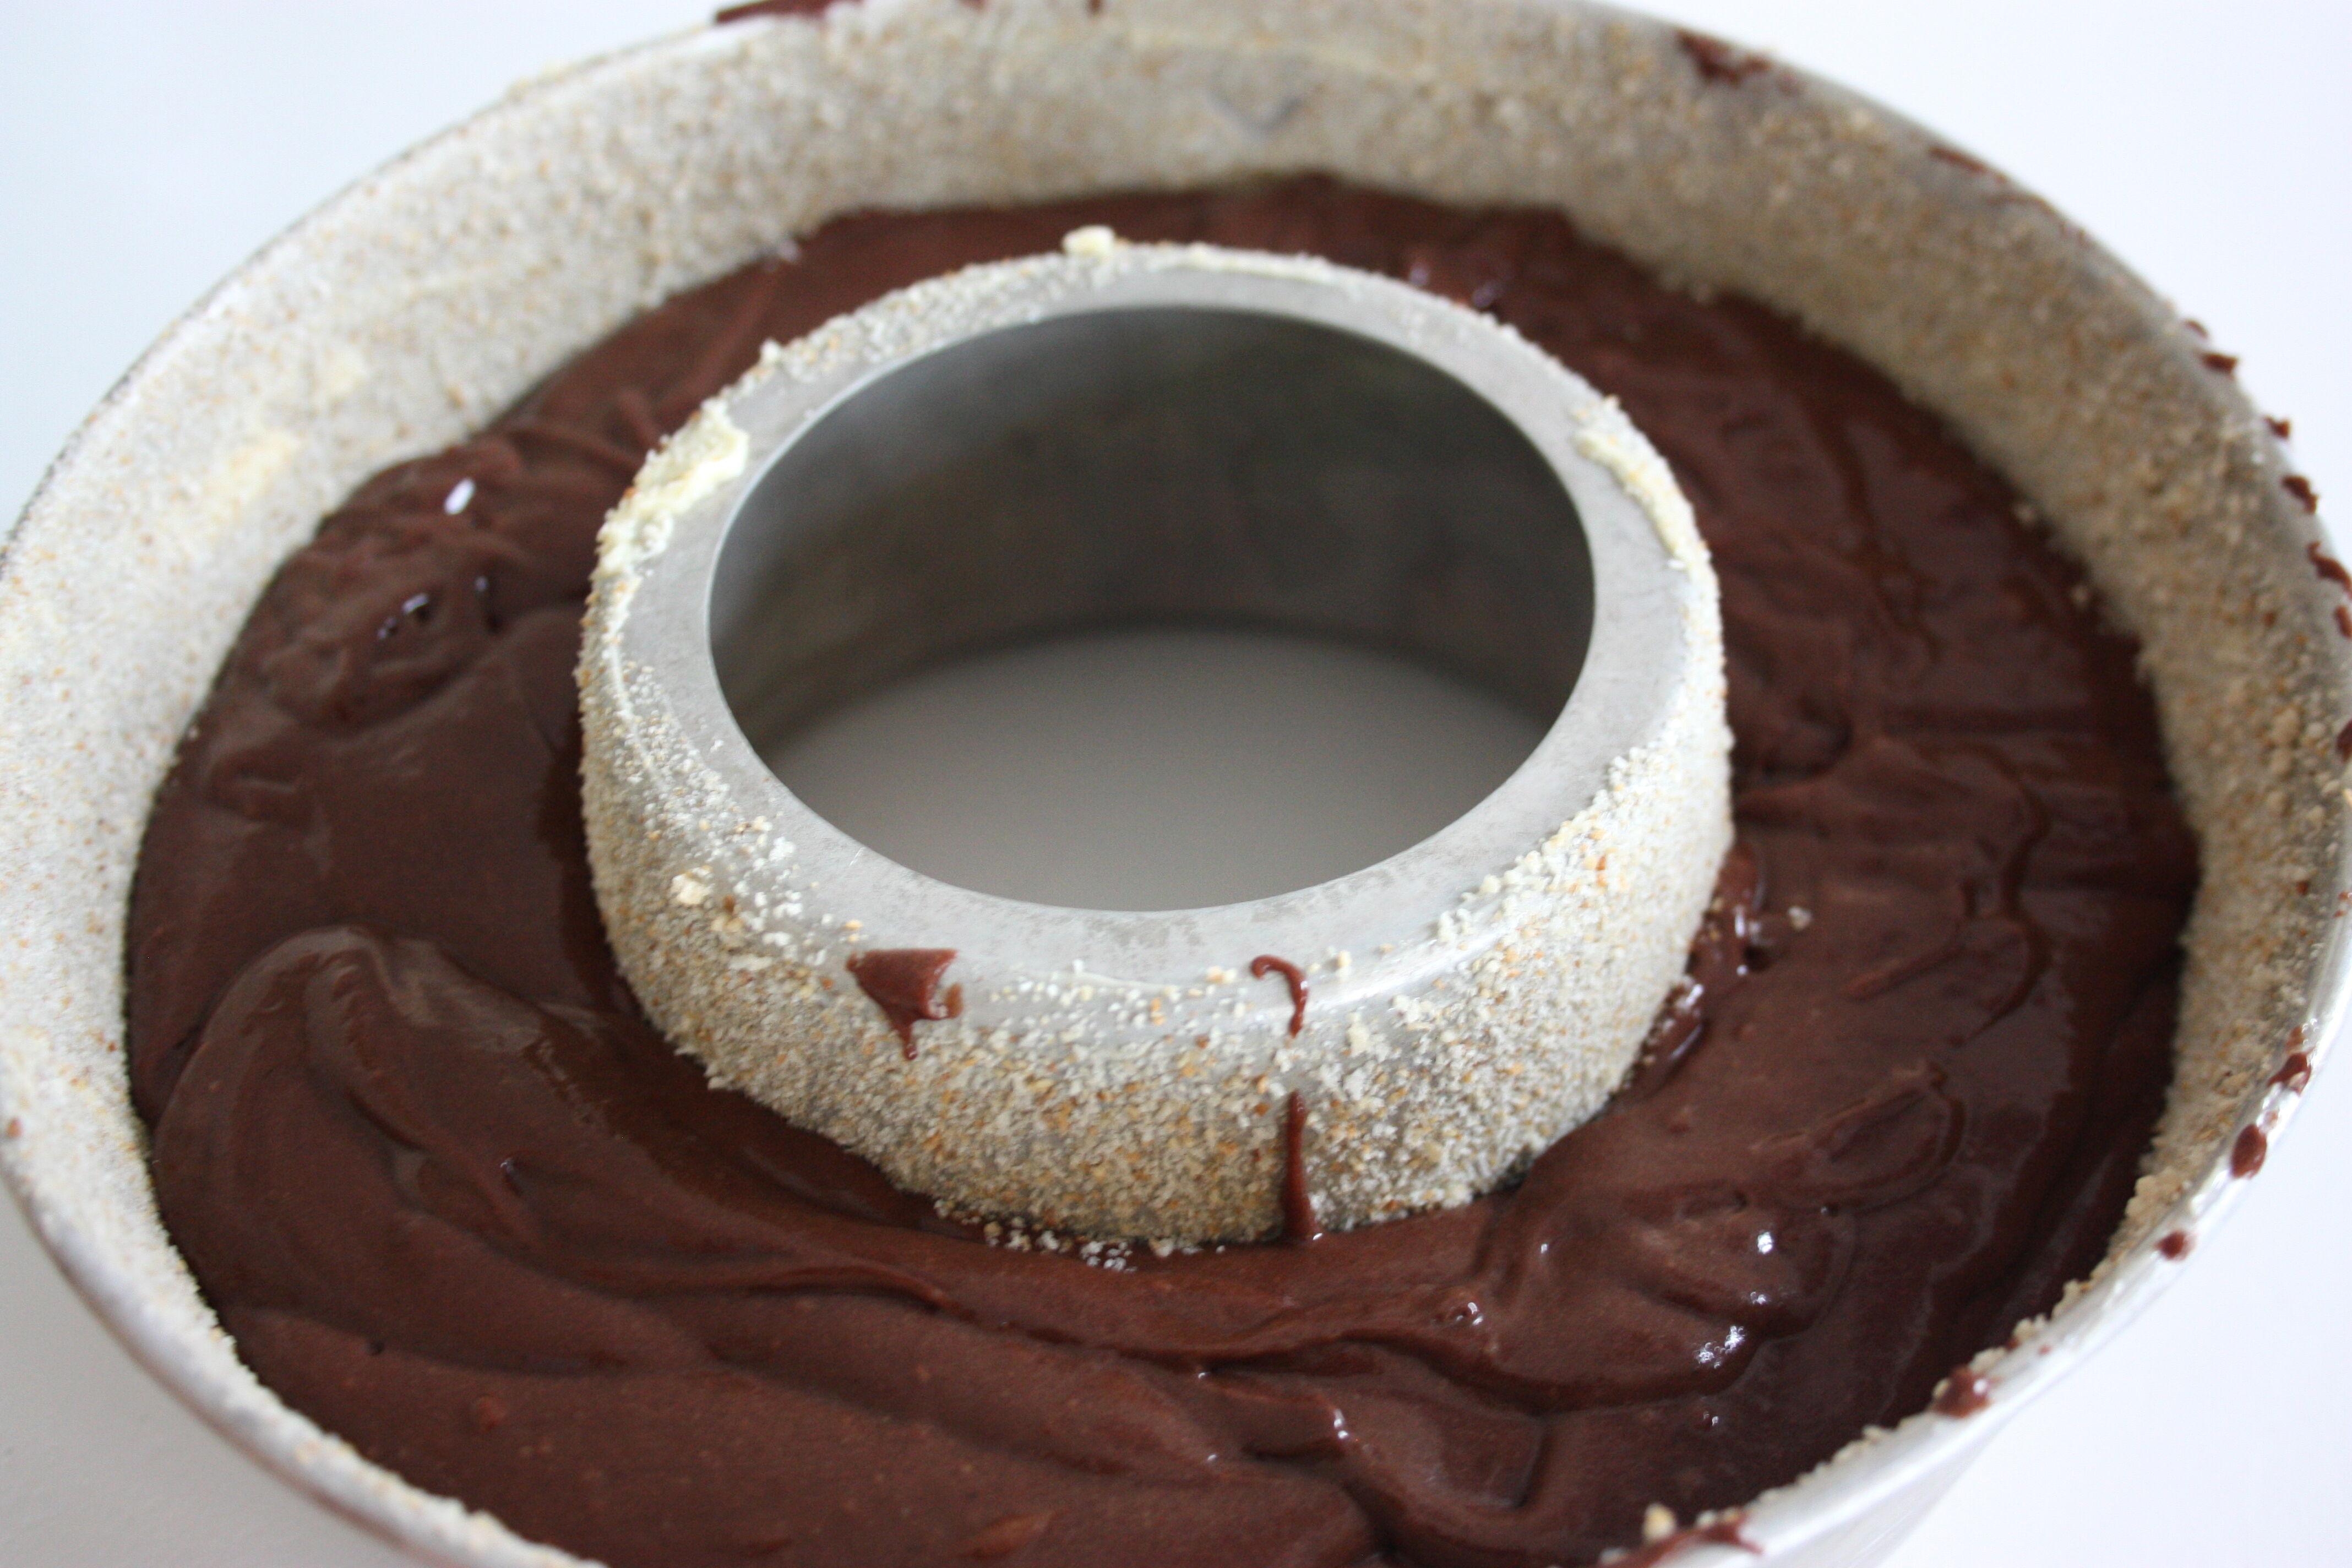 chokladkaka form